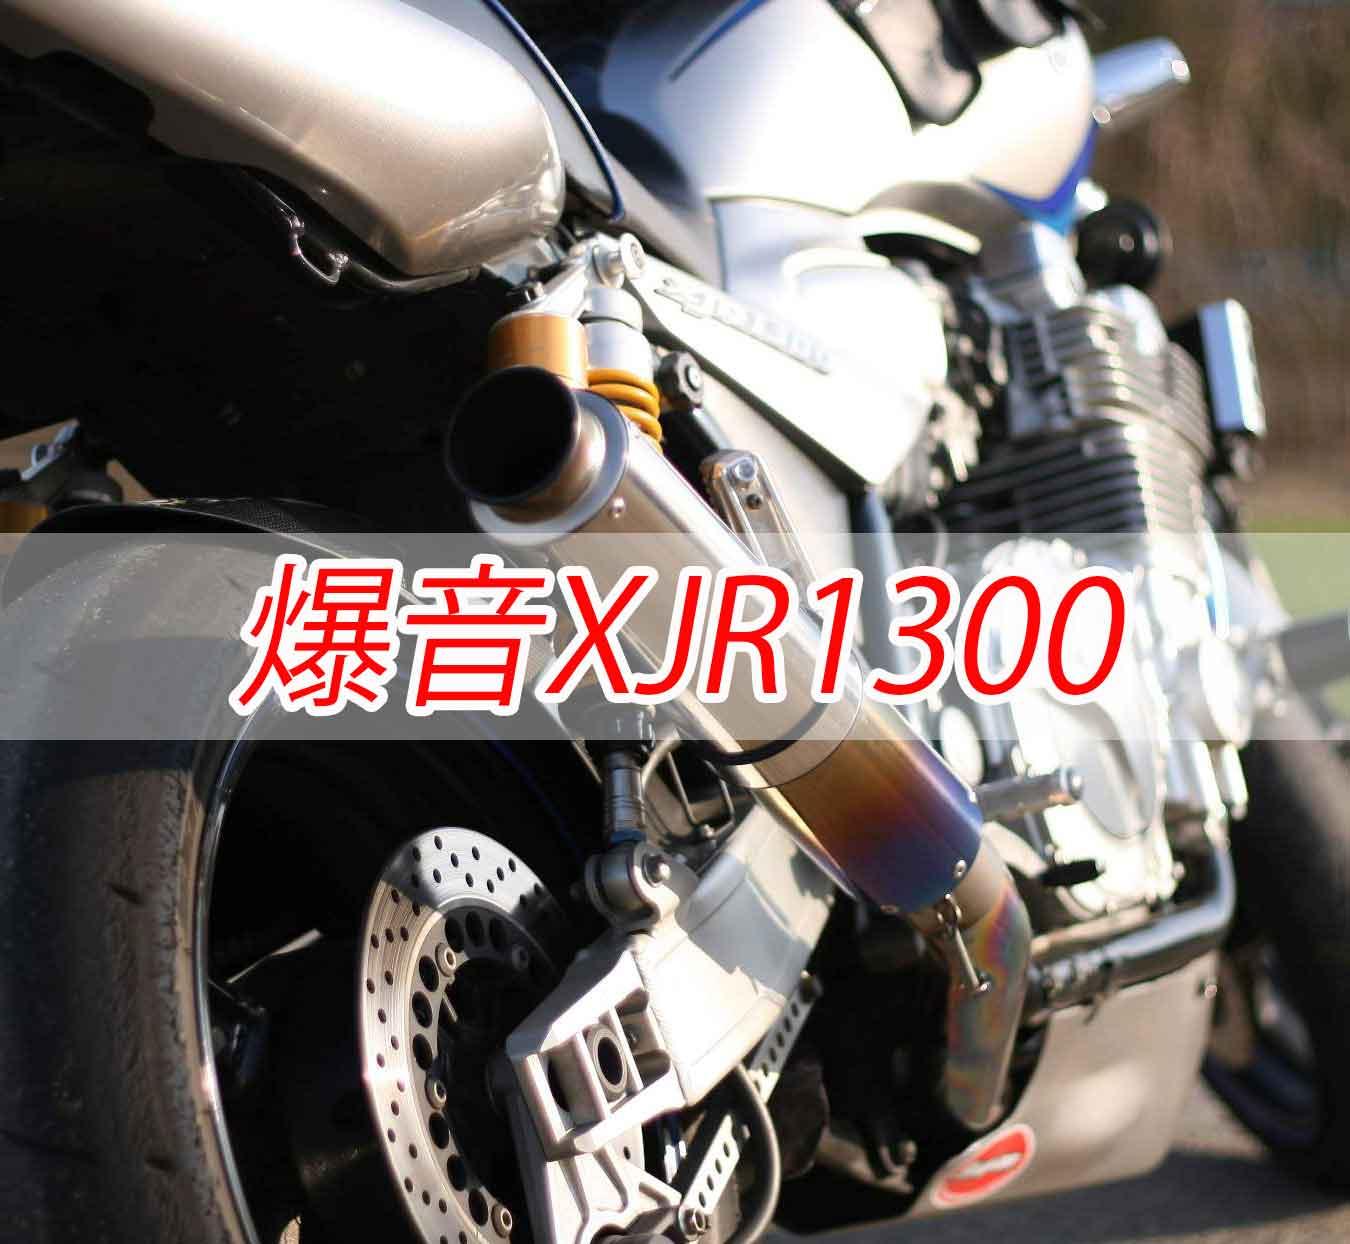 XJR1300 アイキャッチ